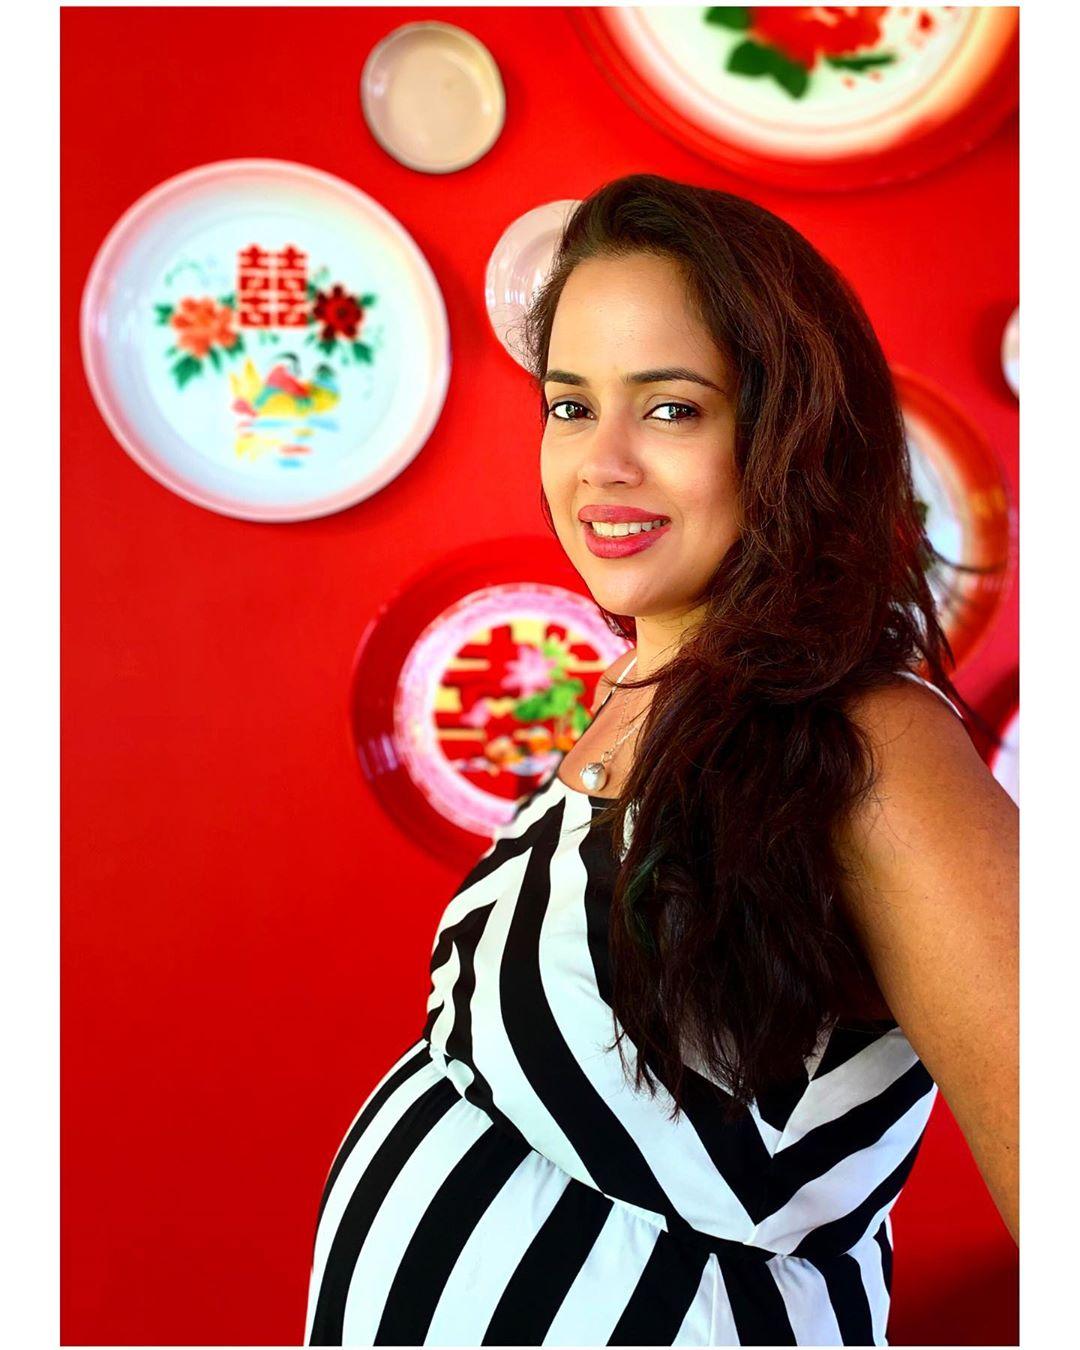 Sameera reddy bollywood actress 23